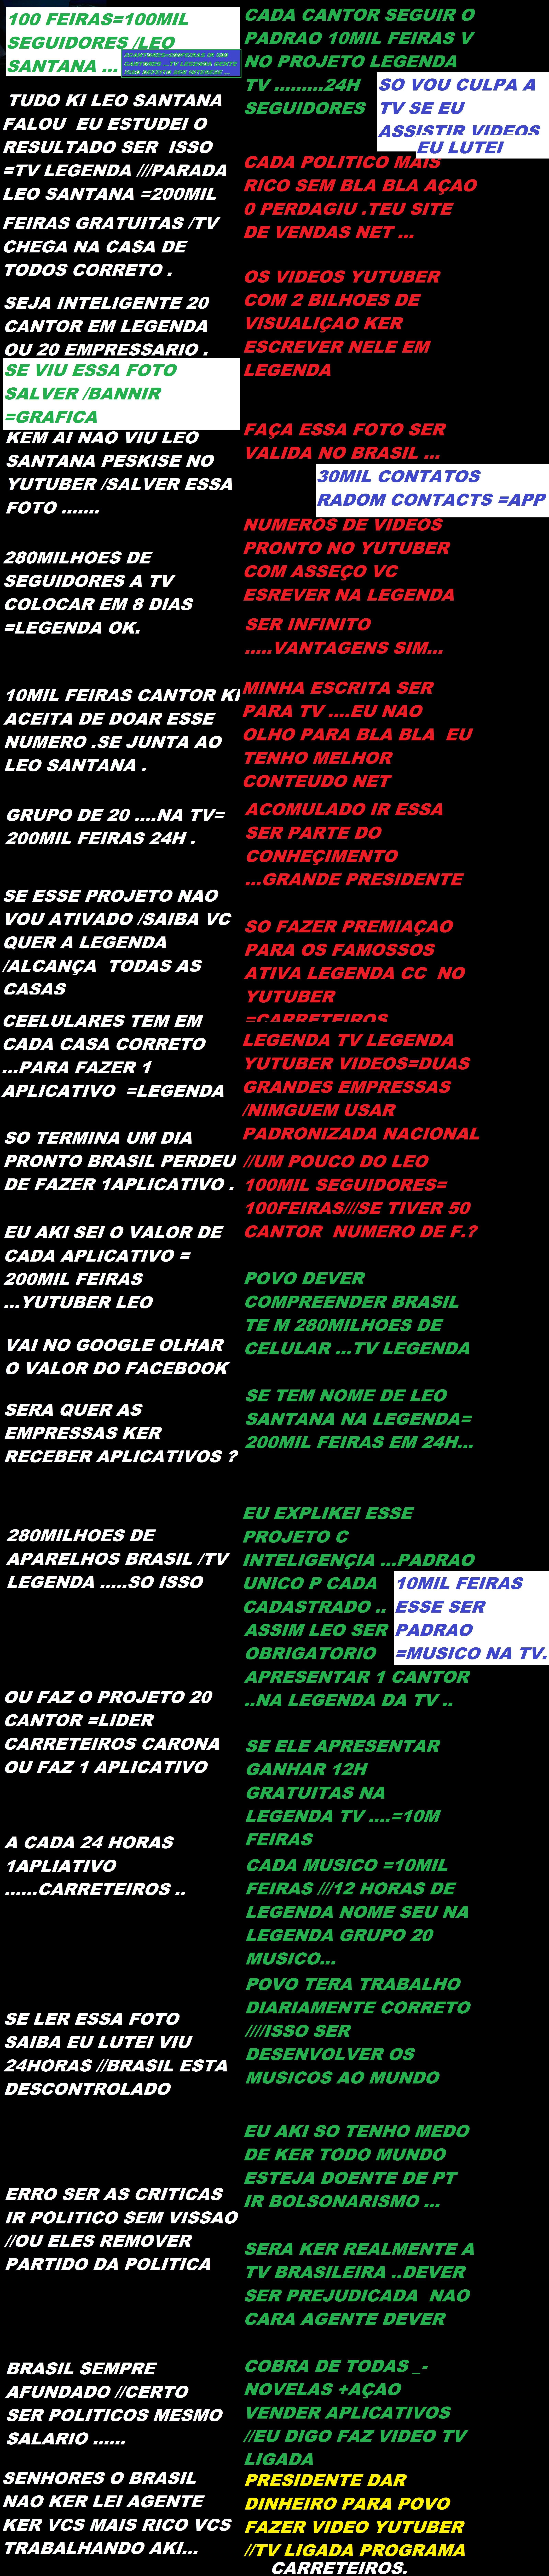 1CANTOR CONVIDAR OUTRO //REGRA INFINITA //20 CANTOR GRUPO